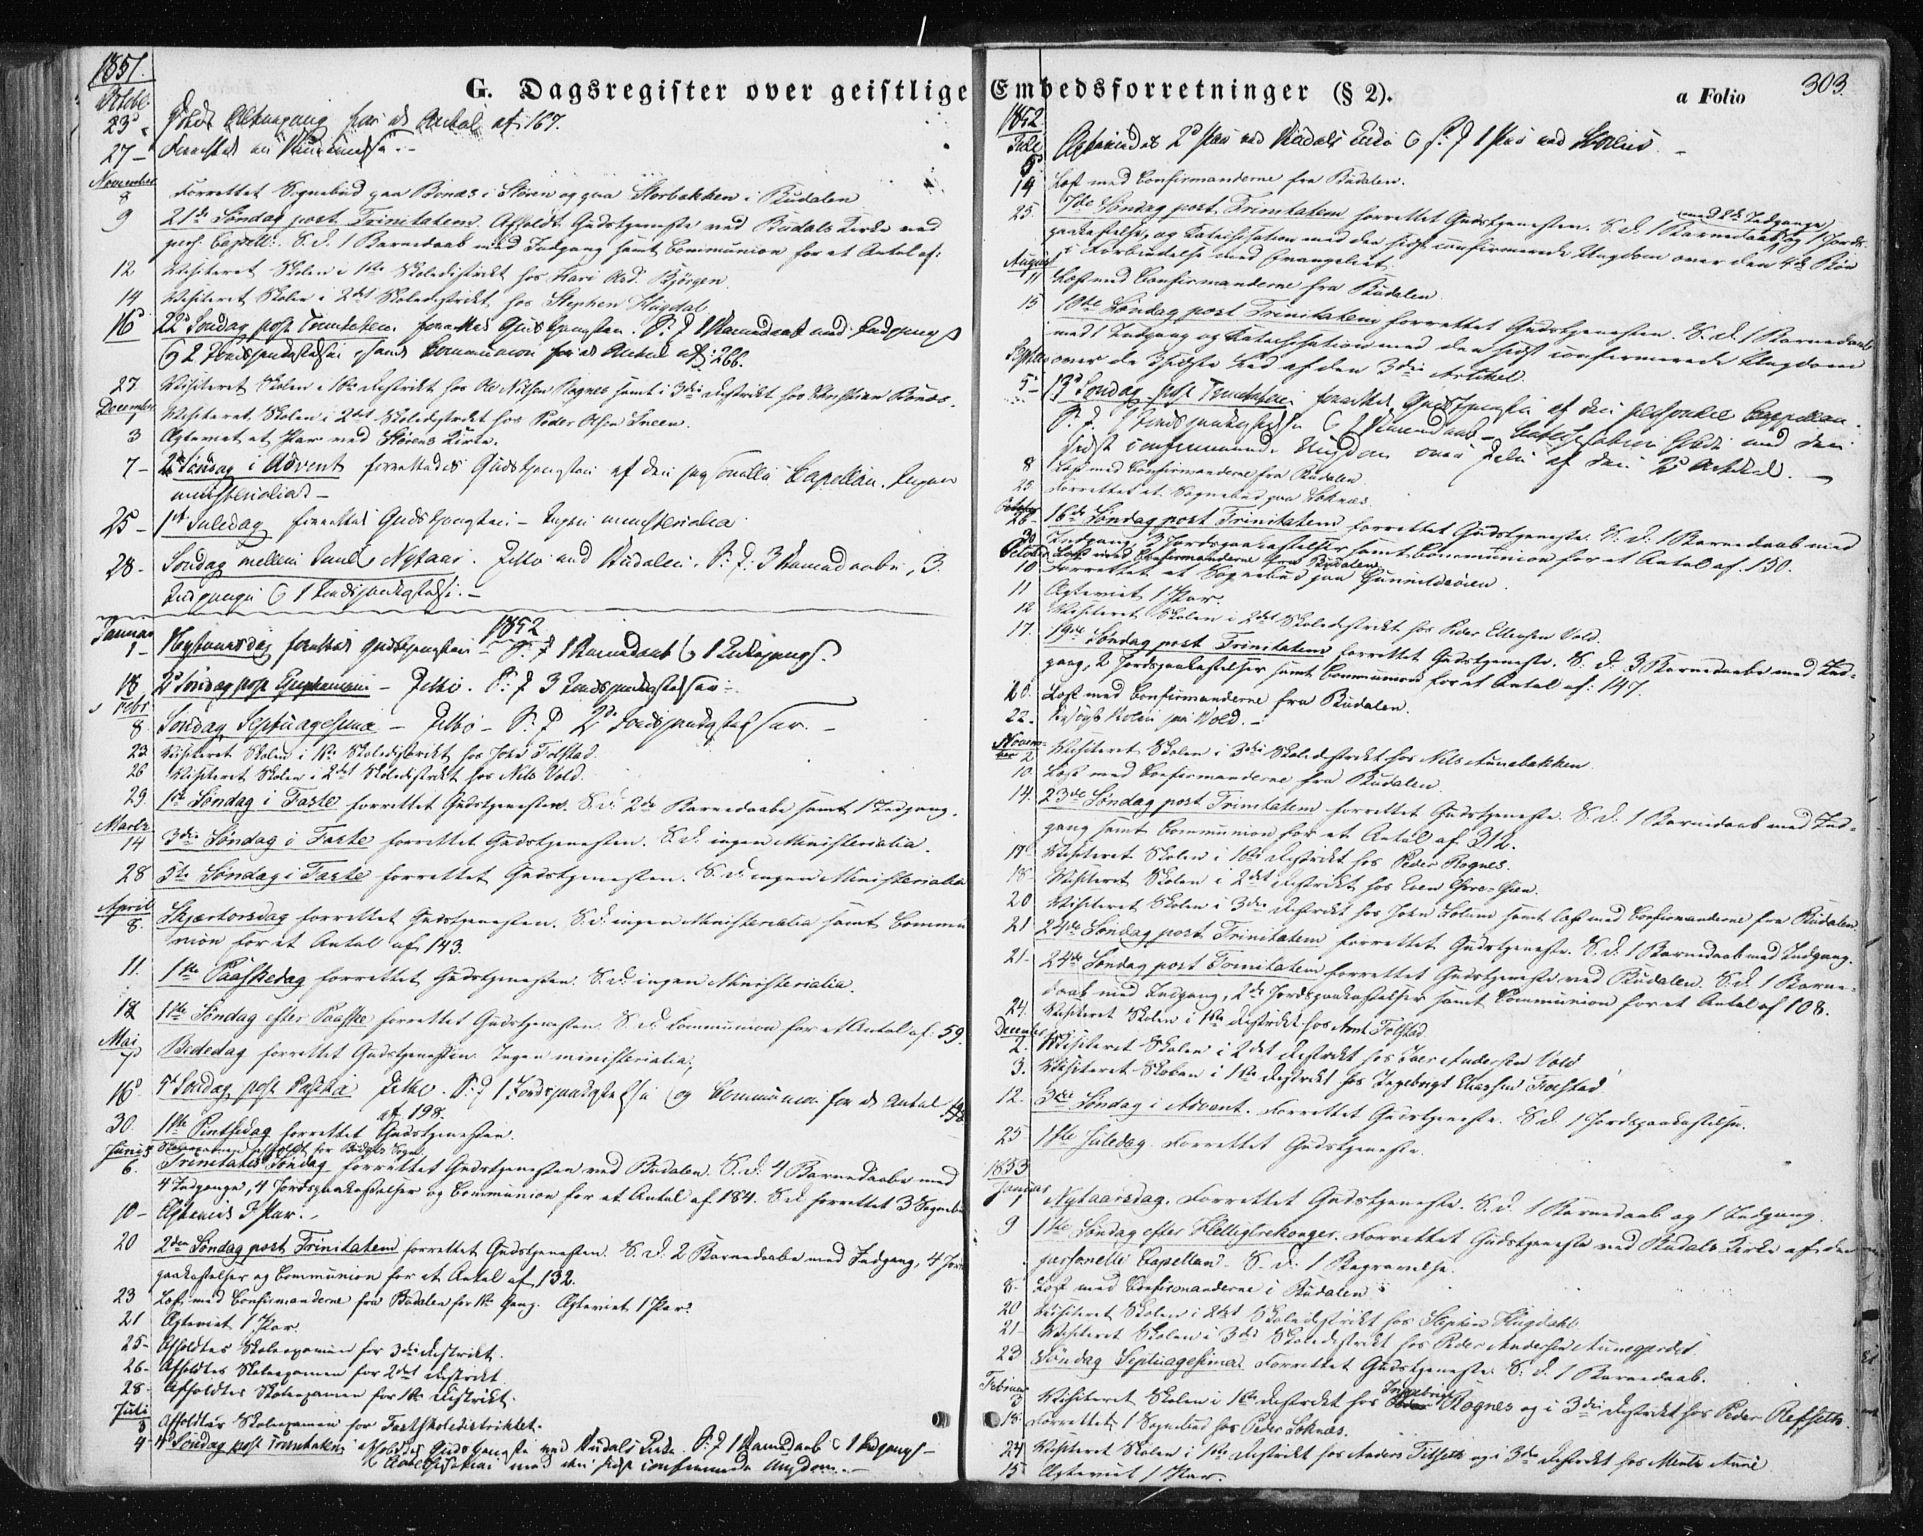 SAT, Ministerialprotokoller, klokkerbøker og fødselsregistre - Sør-Trøndelag, 687/L1000: Ministerialbok nr. 687A06, 1848-1869, s. 303